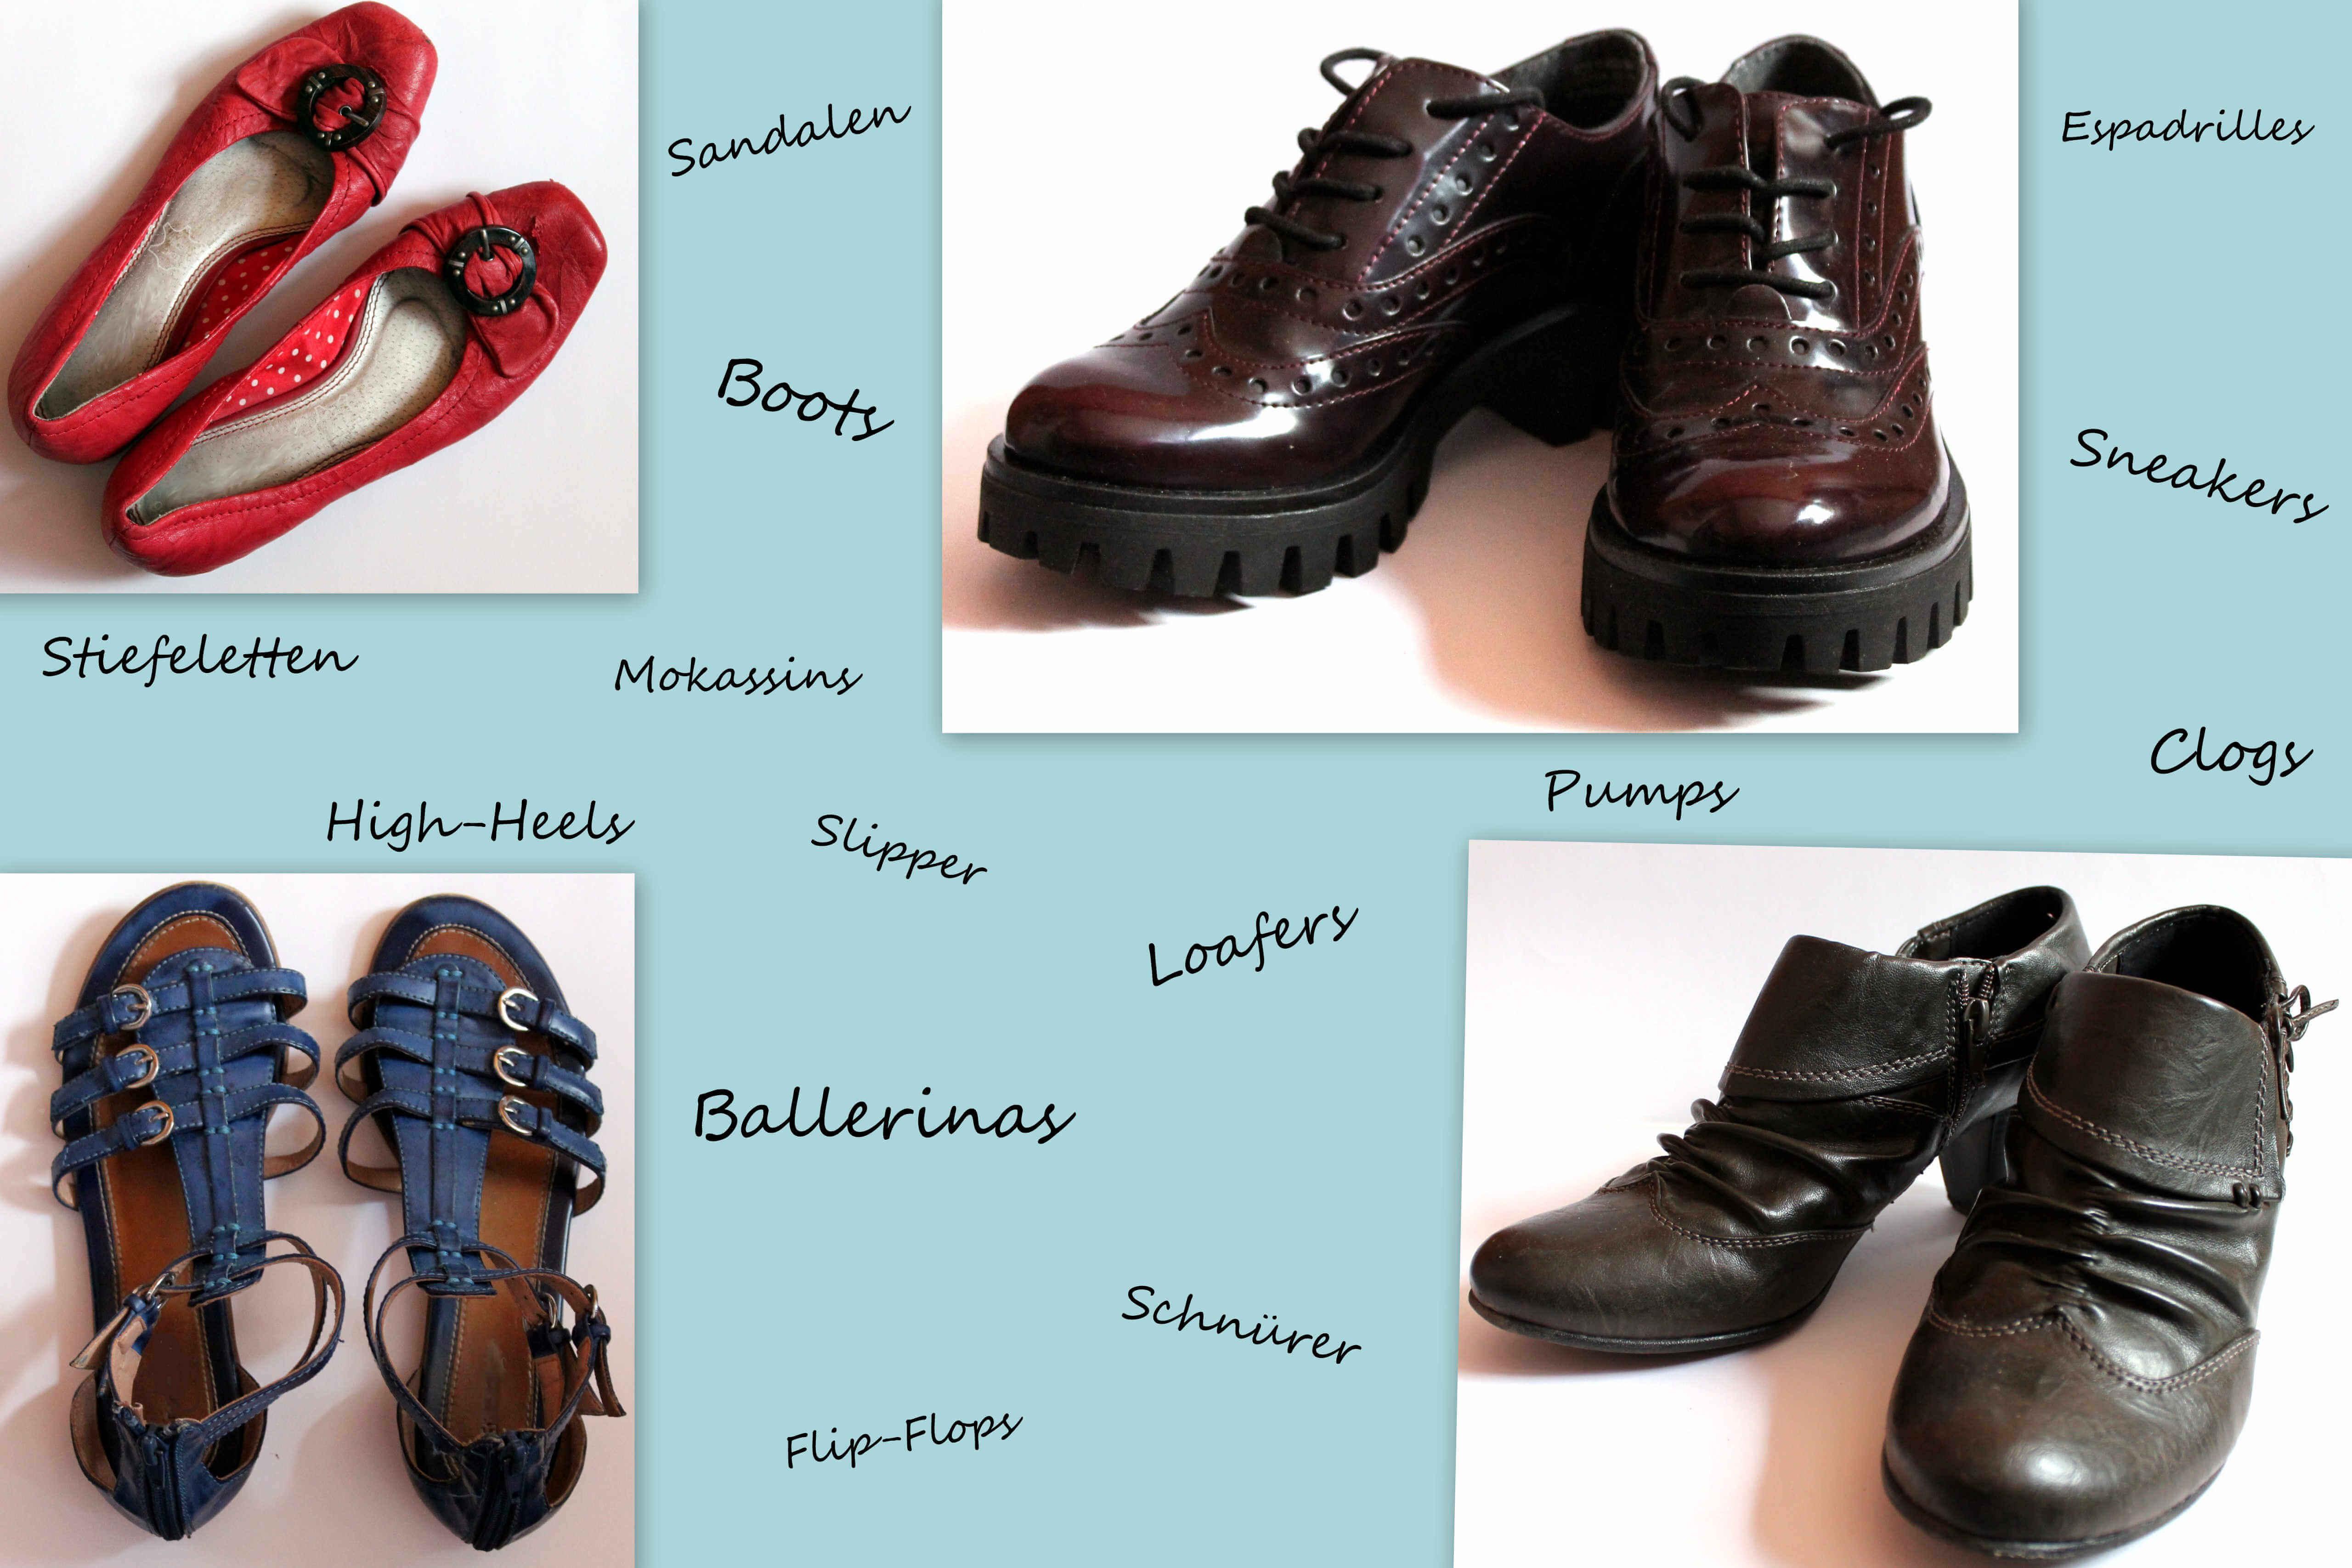 Welche Schuhe braucht eine Frau? Wir wissen es!